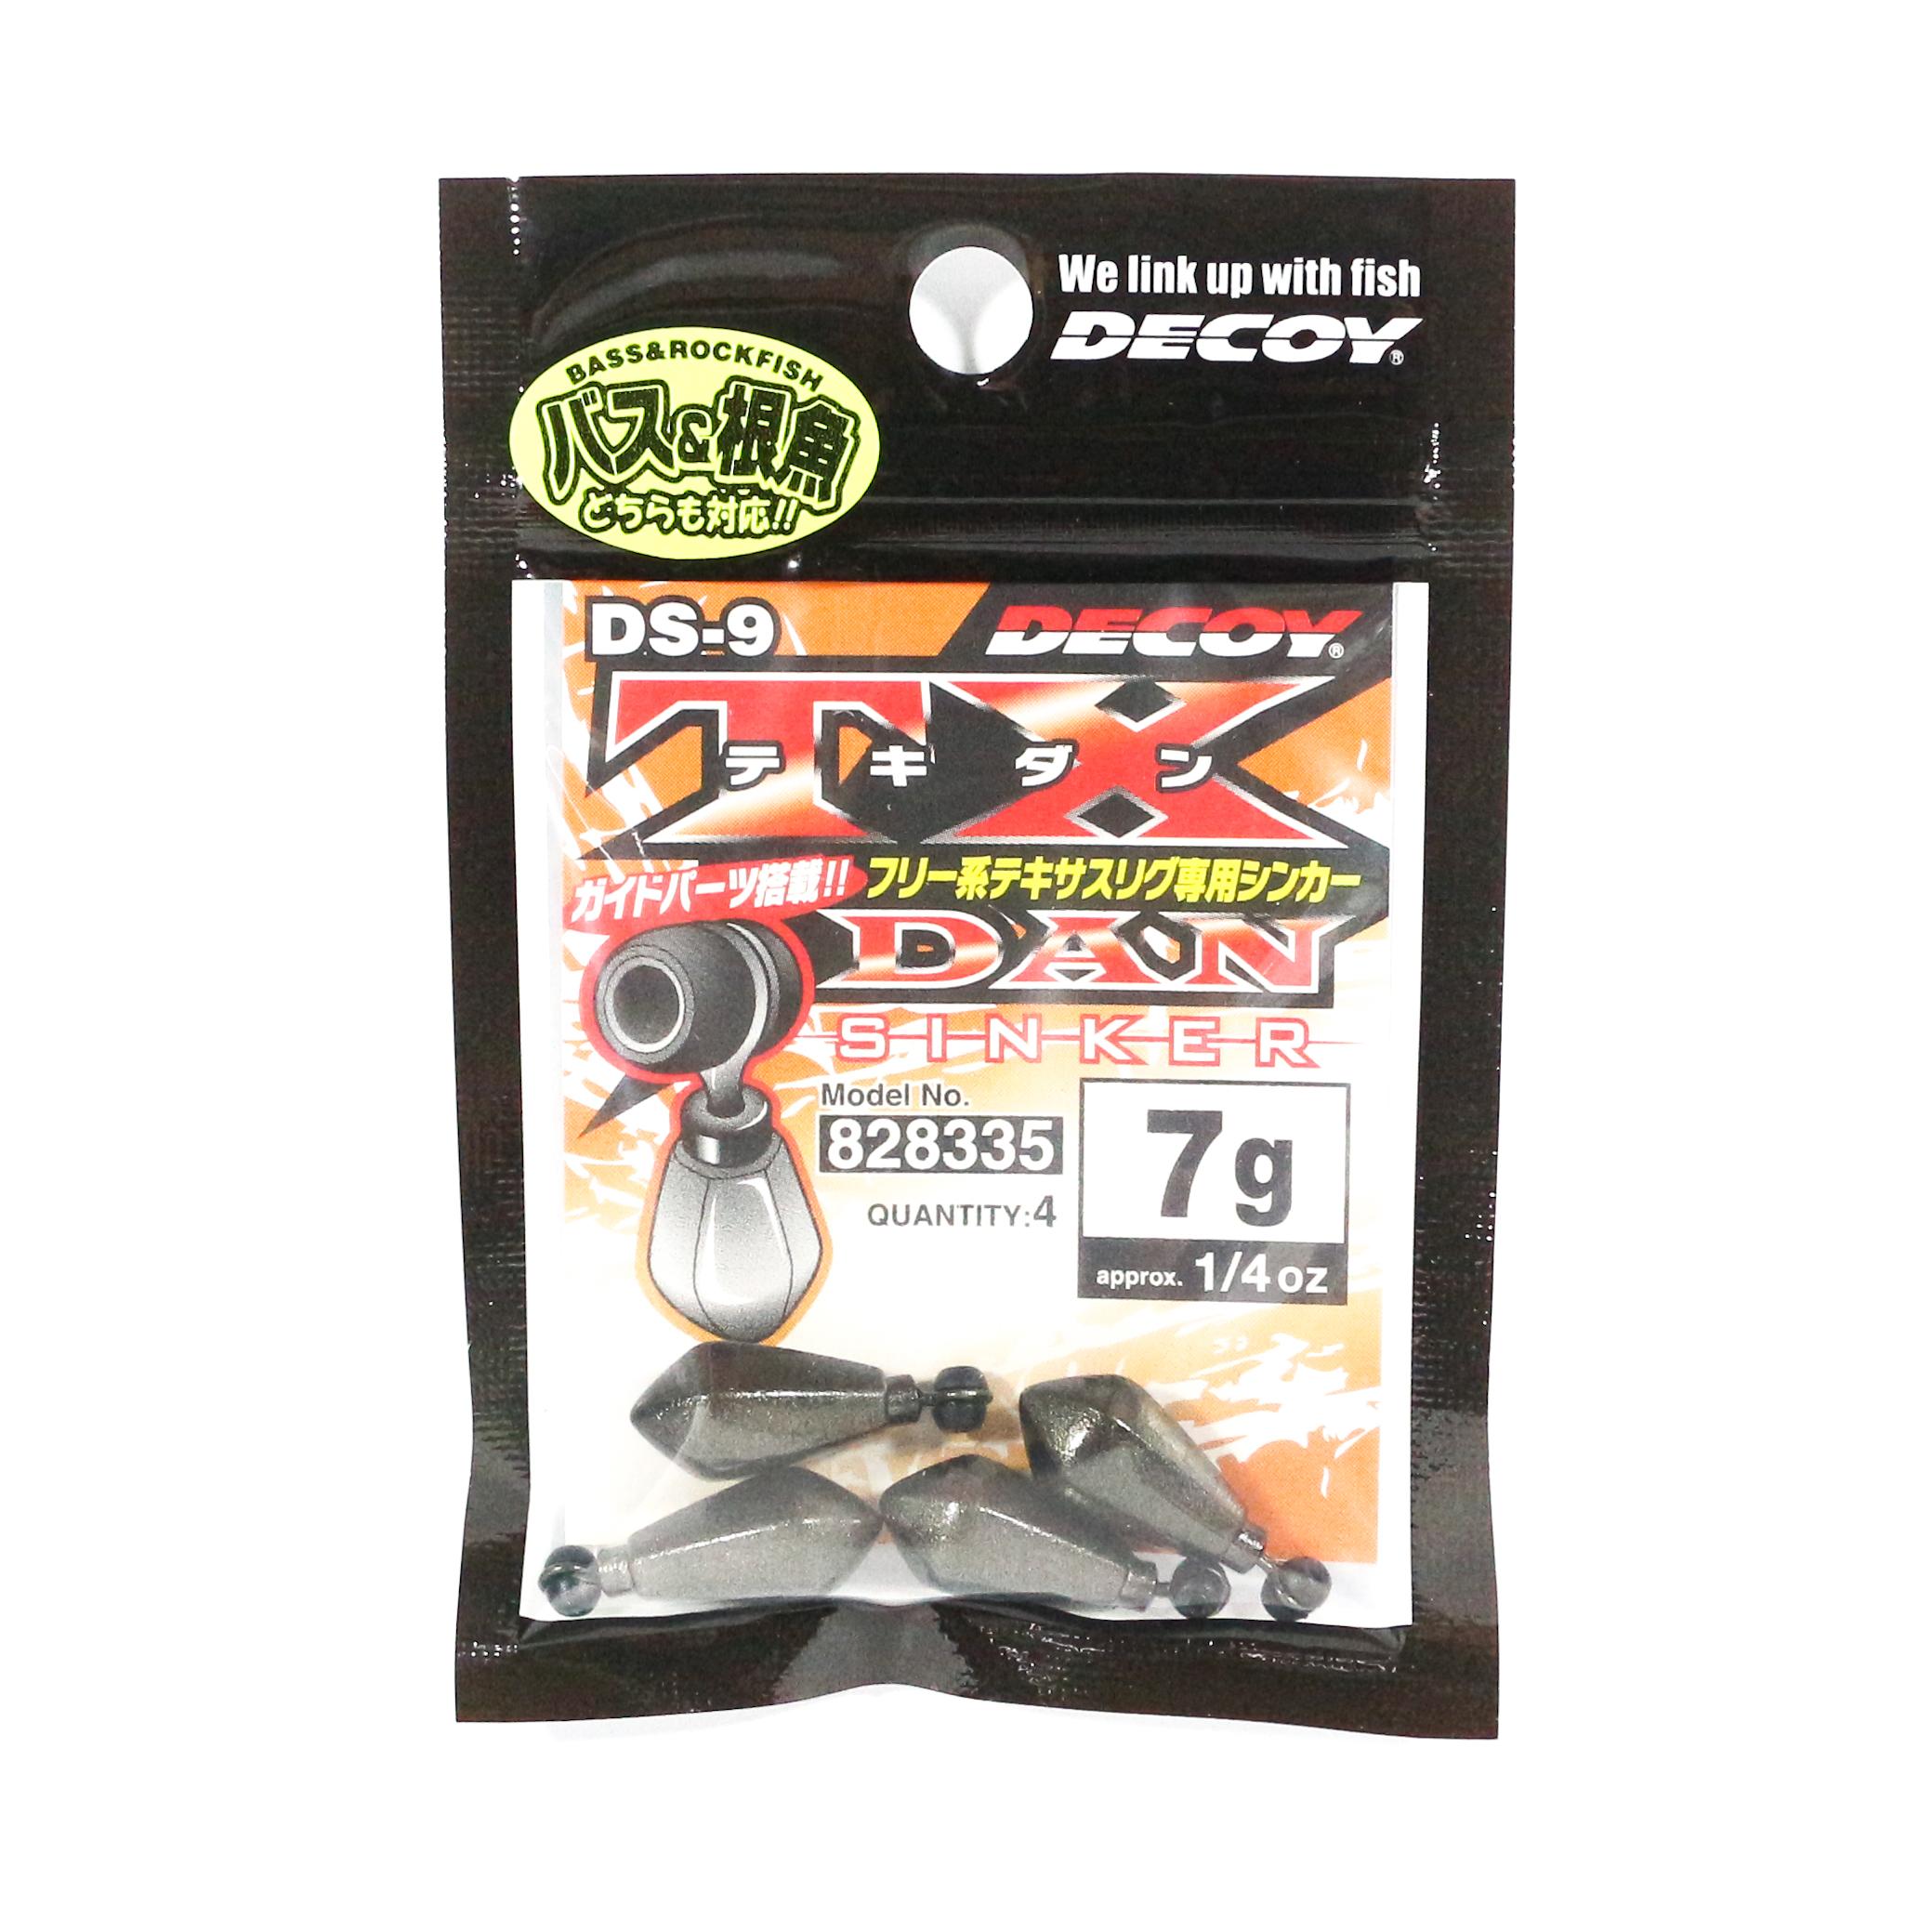 Decoy DS-9 Sinker Type TX Dan Sinker Size 7 grams (8335)